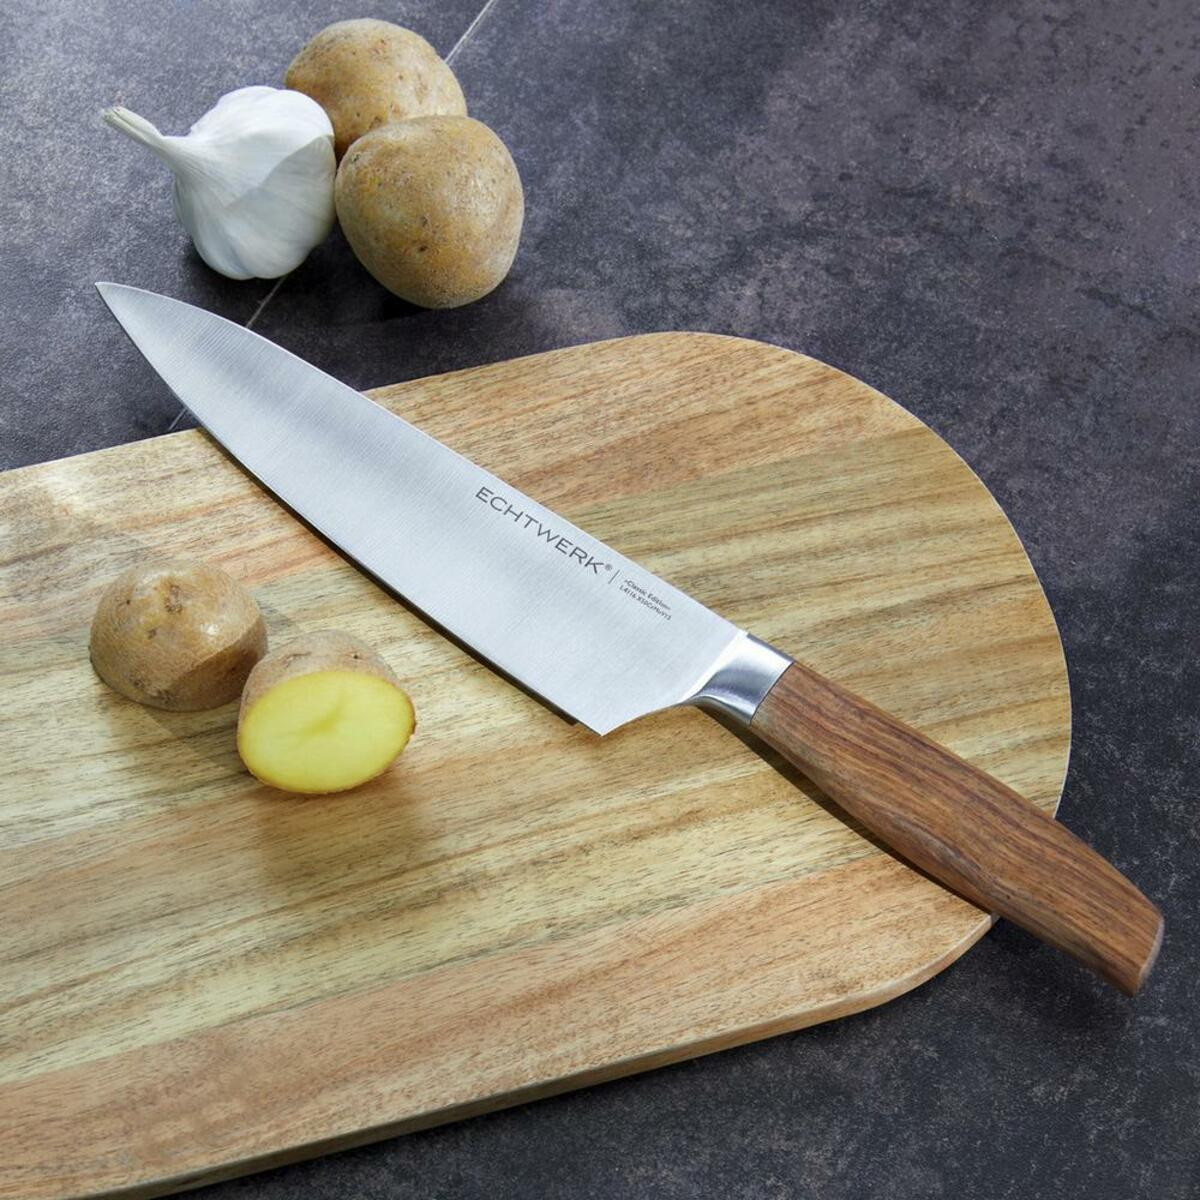 Bild 1 von Echtwerk Kochmesser Classic Edition